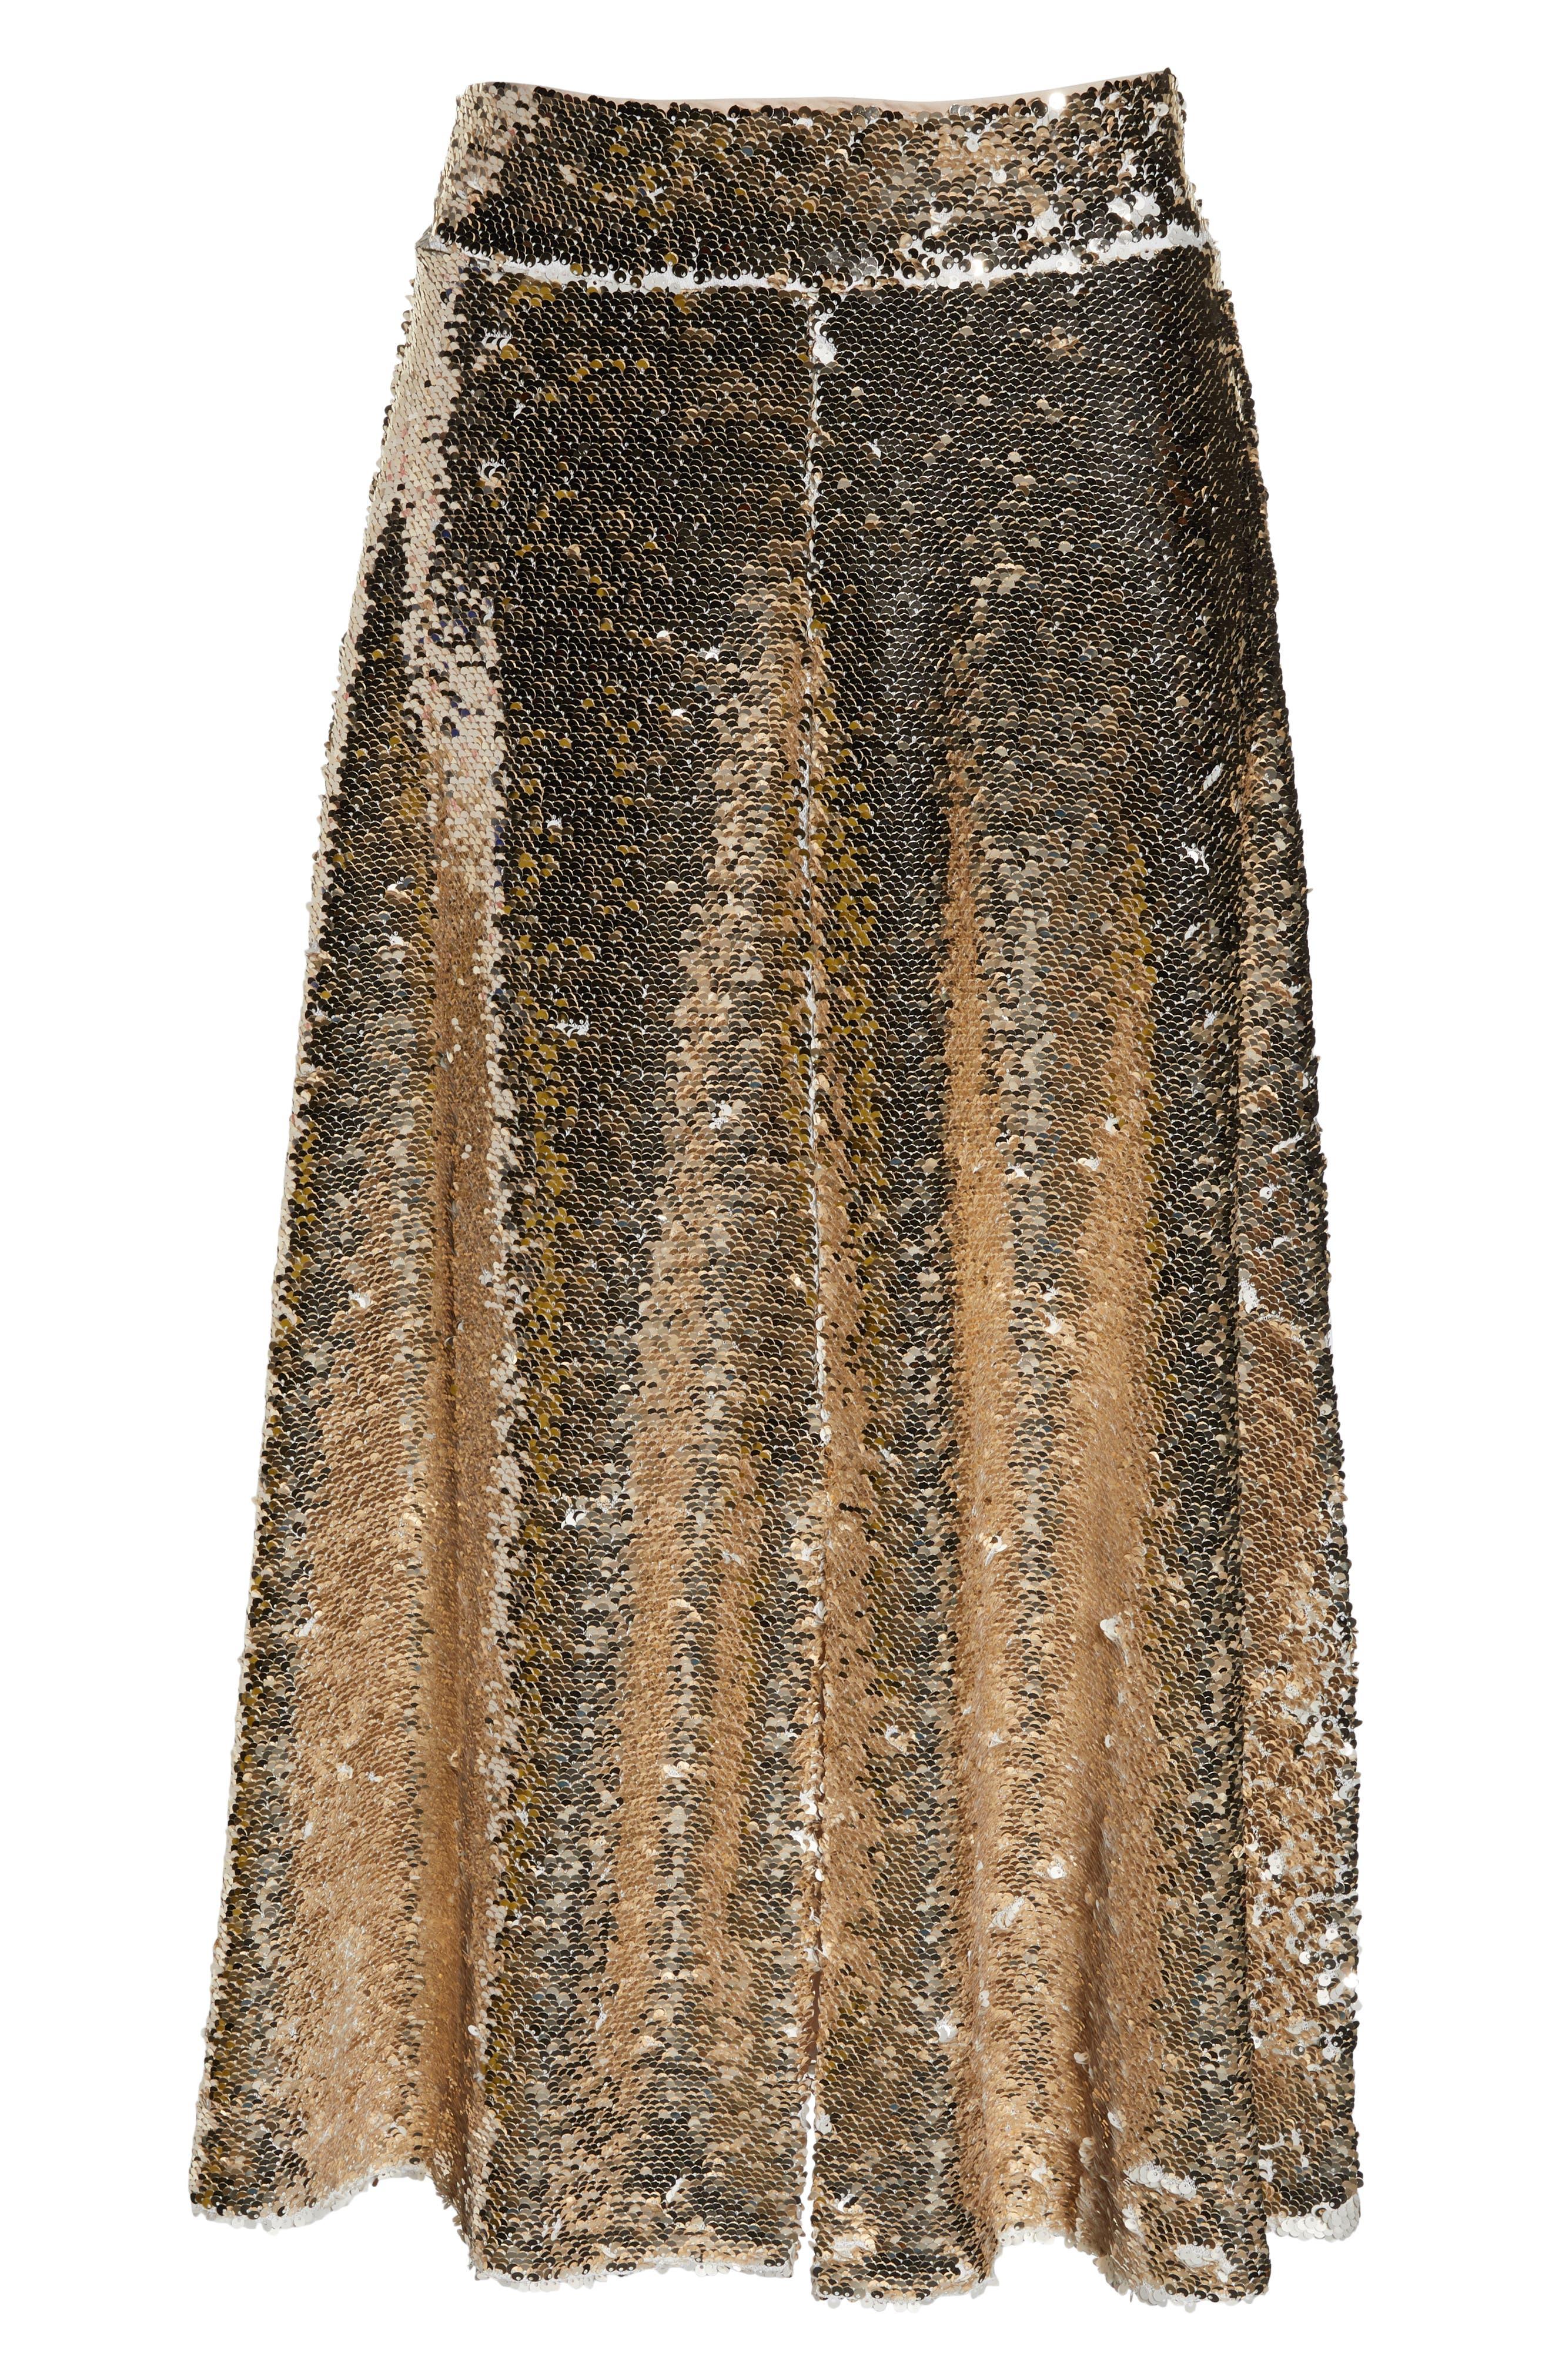 Sequin Embellished A-Line Skirt,                             Alternate thumbnail 7, color,                             GOLD